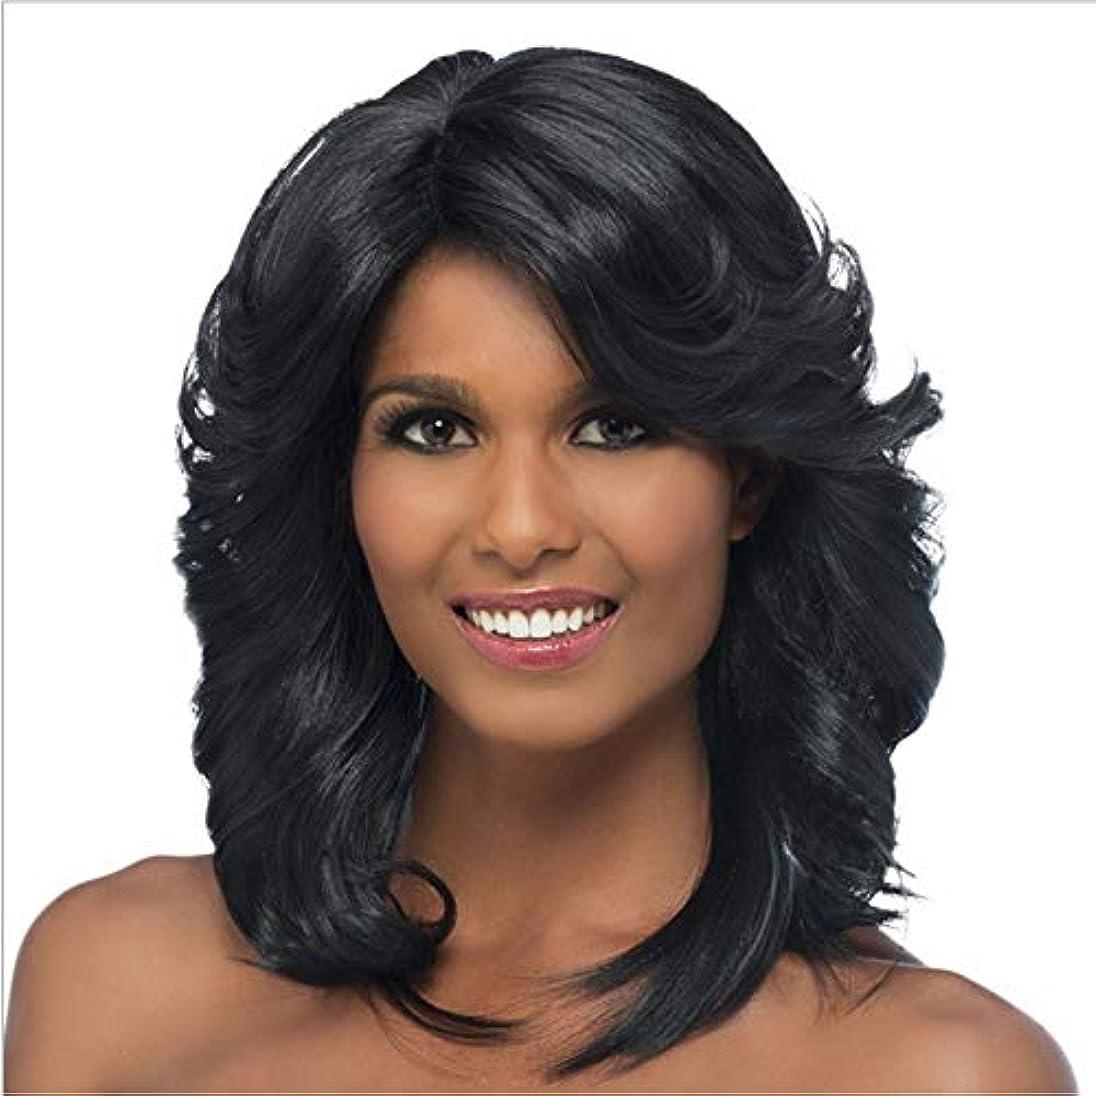 嵐が丘周波数研磨剤YOUQIU 女性の毎日のパーティーウィッグのための合成髪ブラックカーリーヘアショルダー長ウィッグ (色 : 黒)